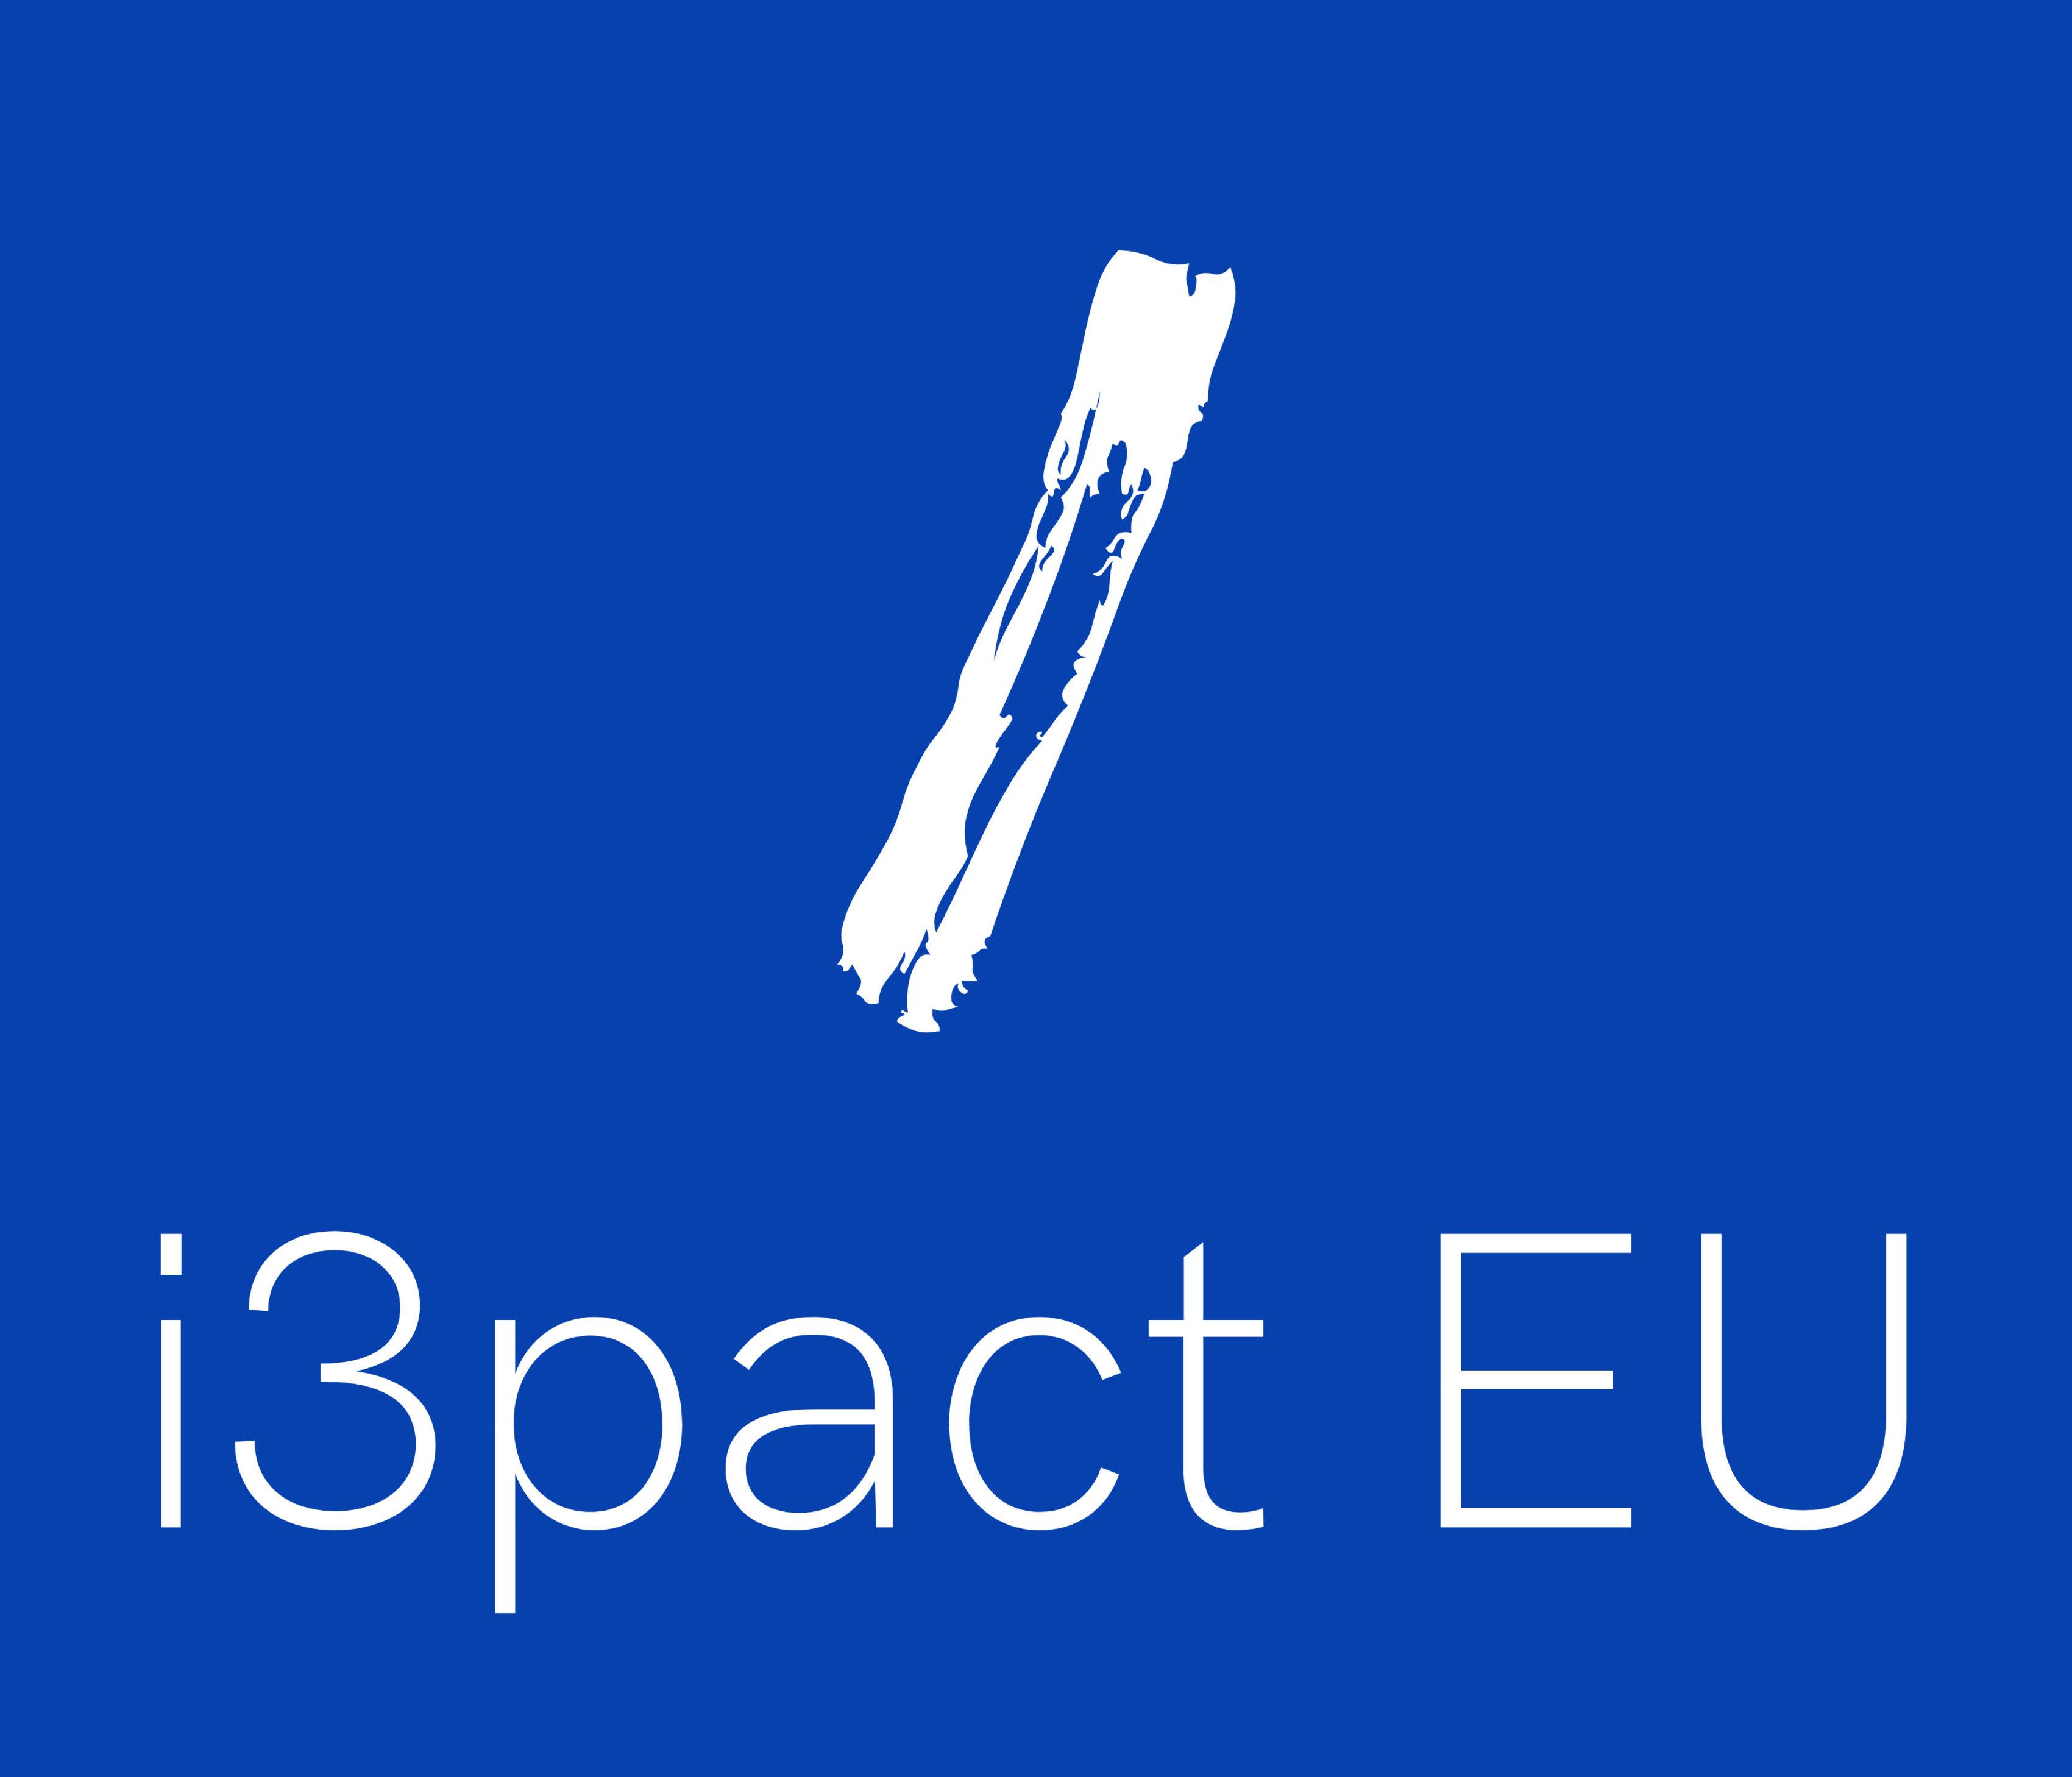 I3pact EU